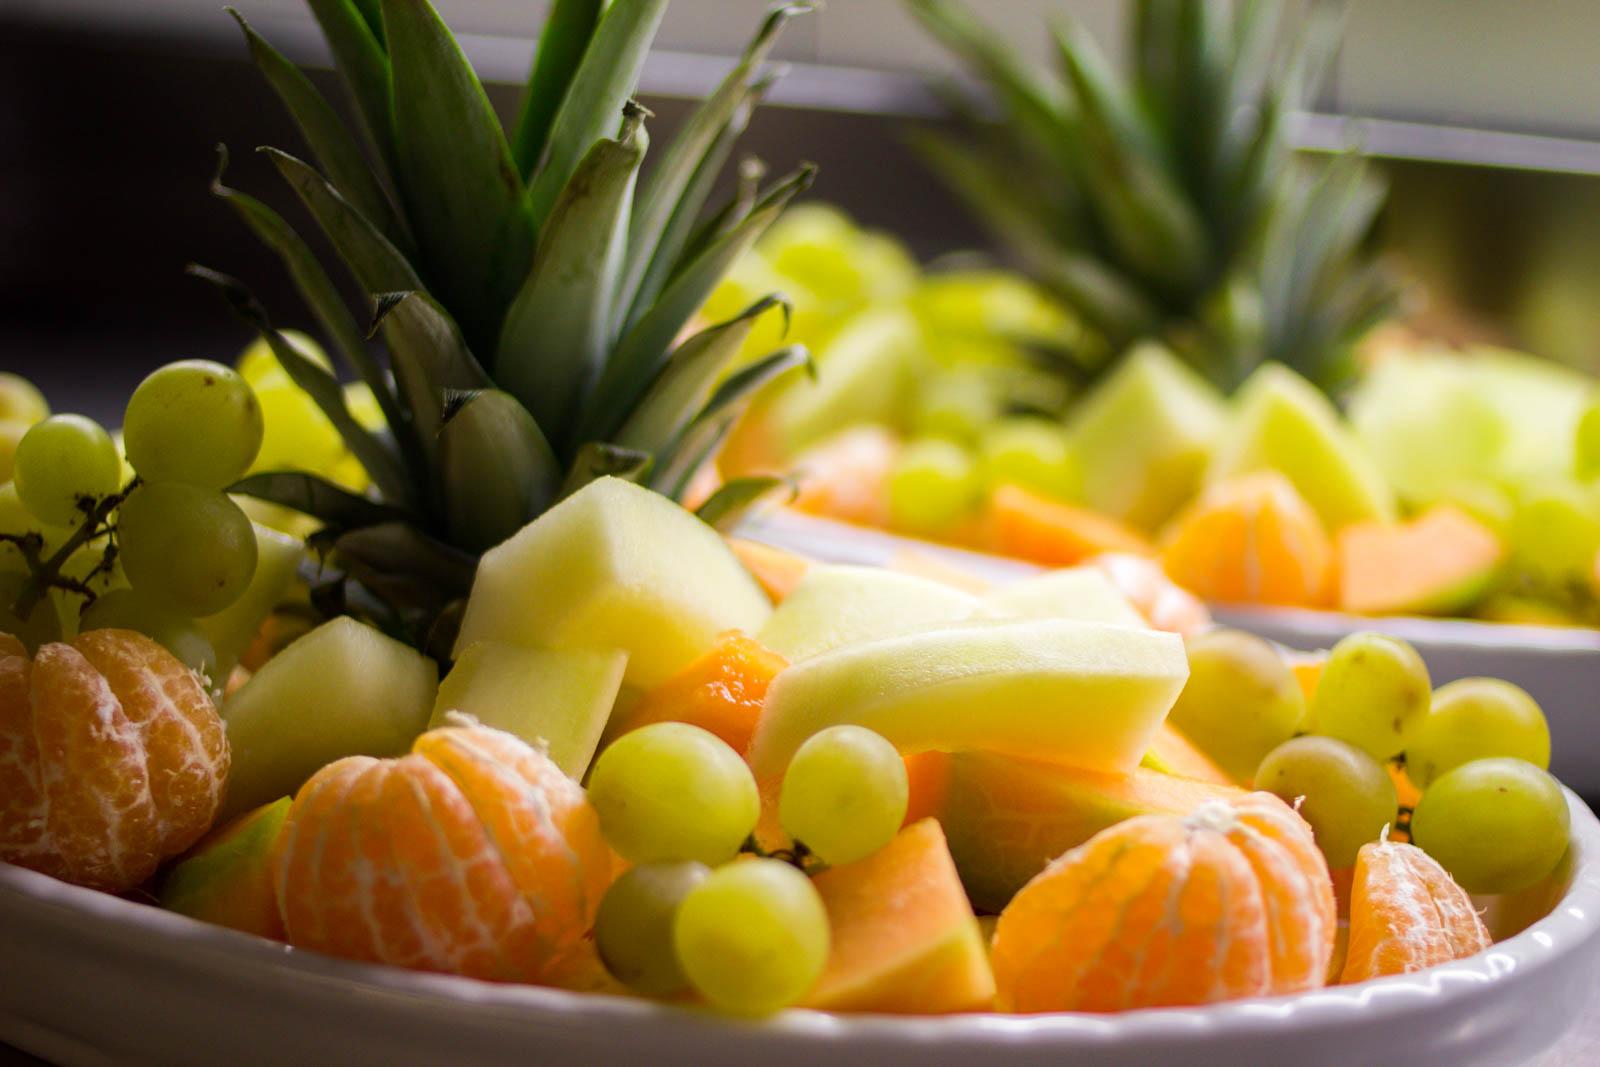 Obst für das Frühstück